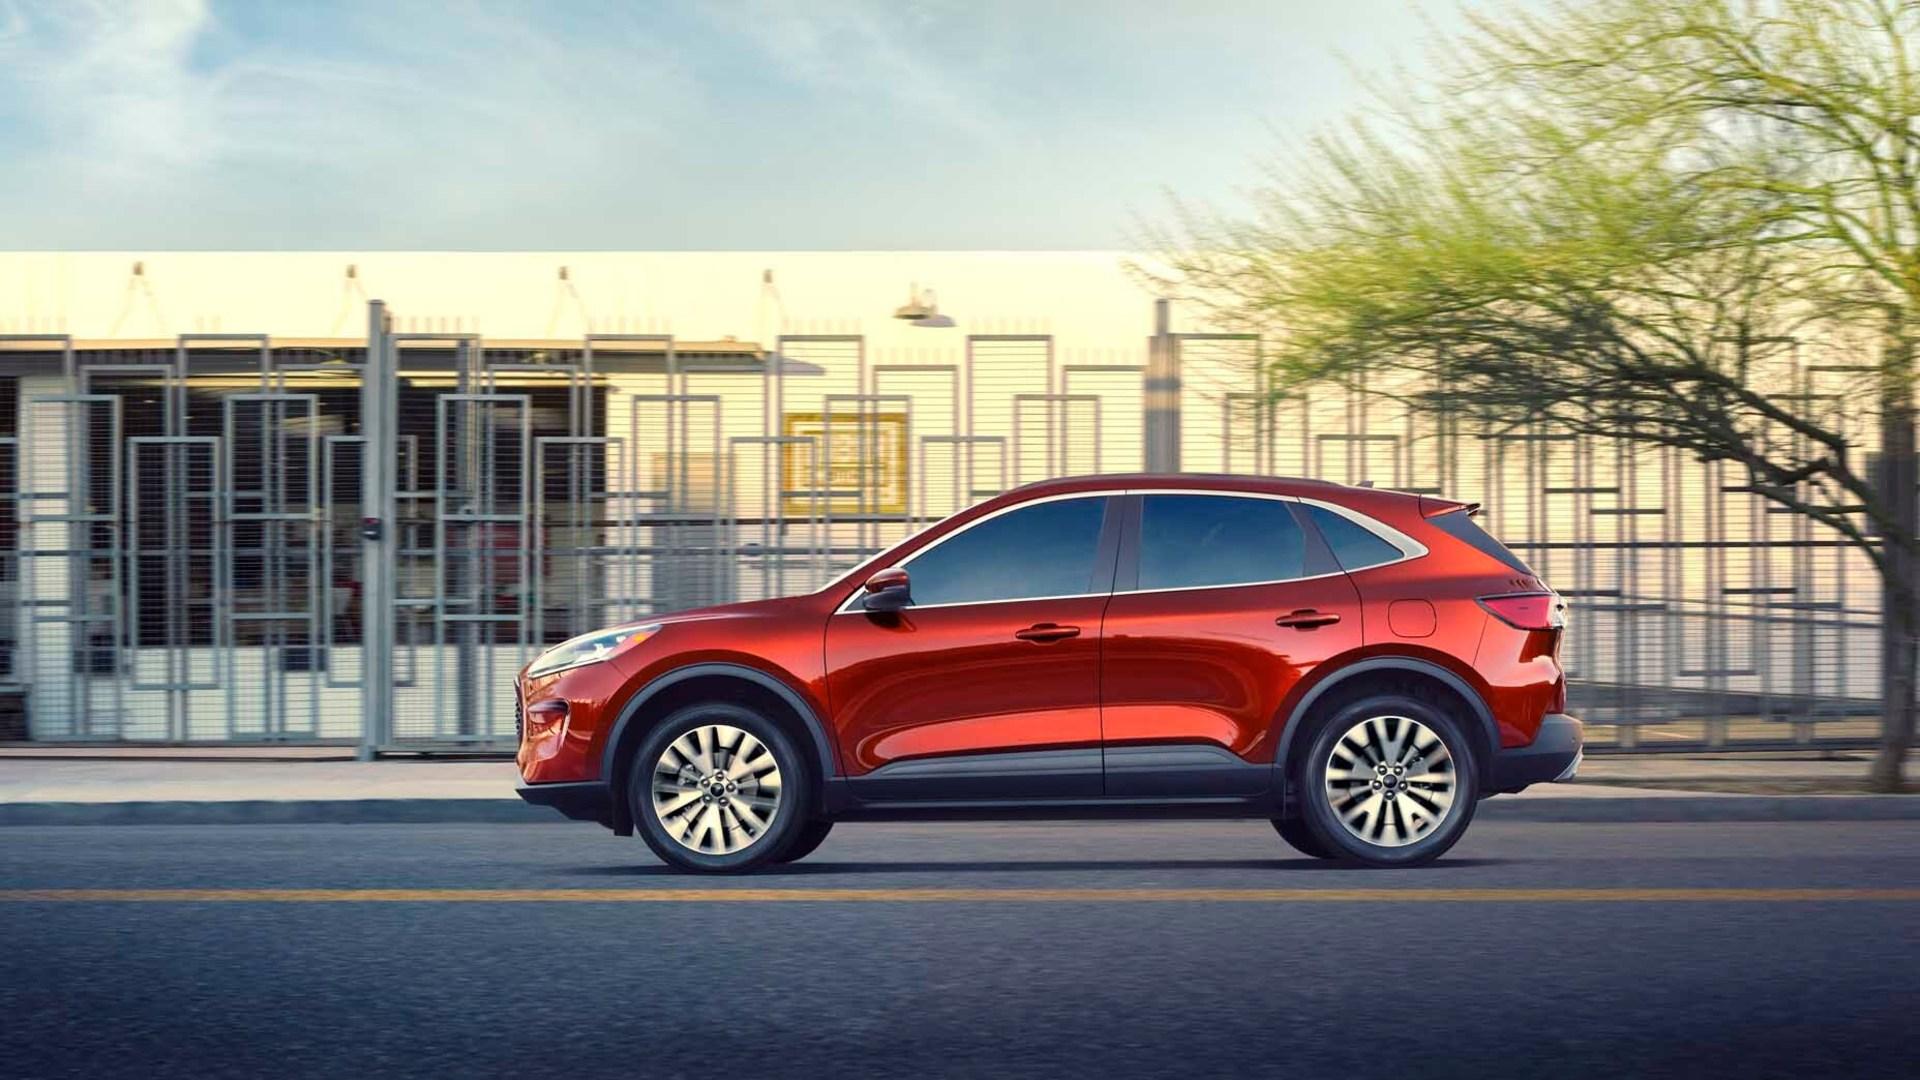 2021 Ford Escape Design